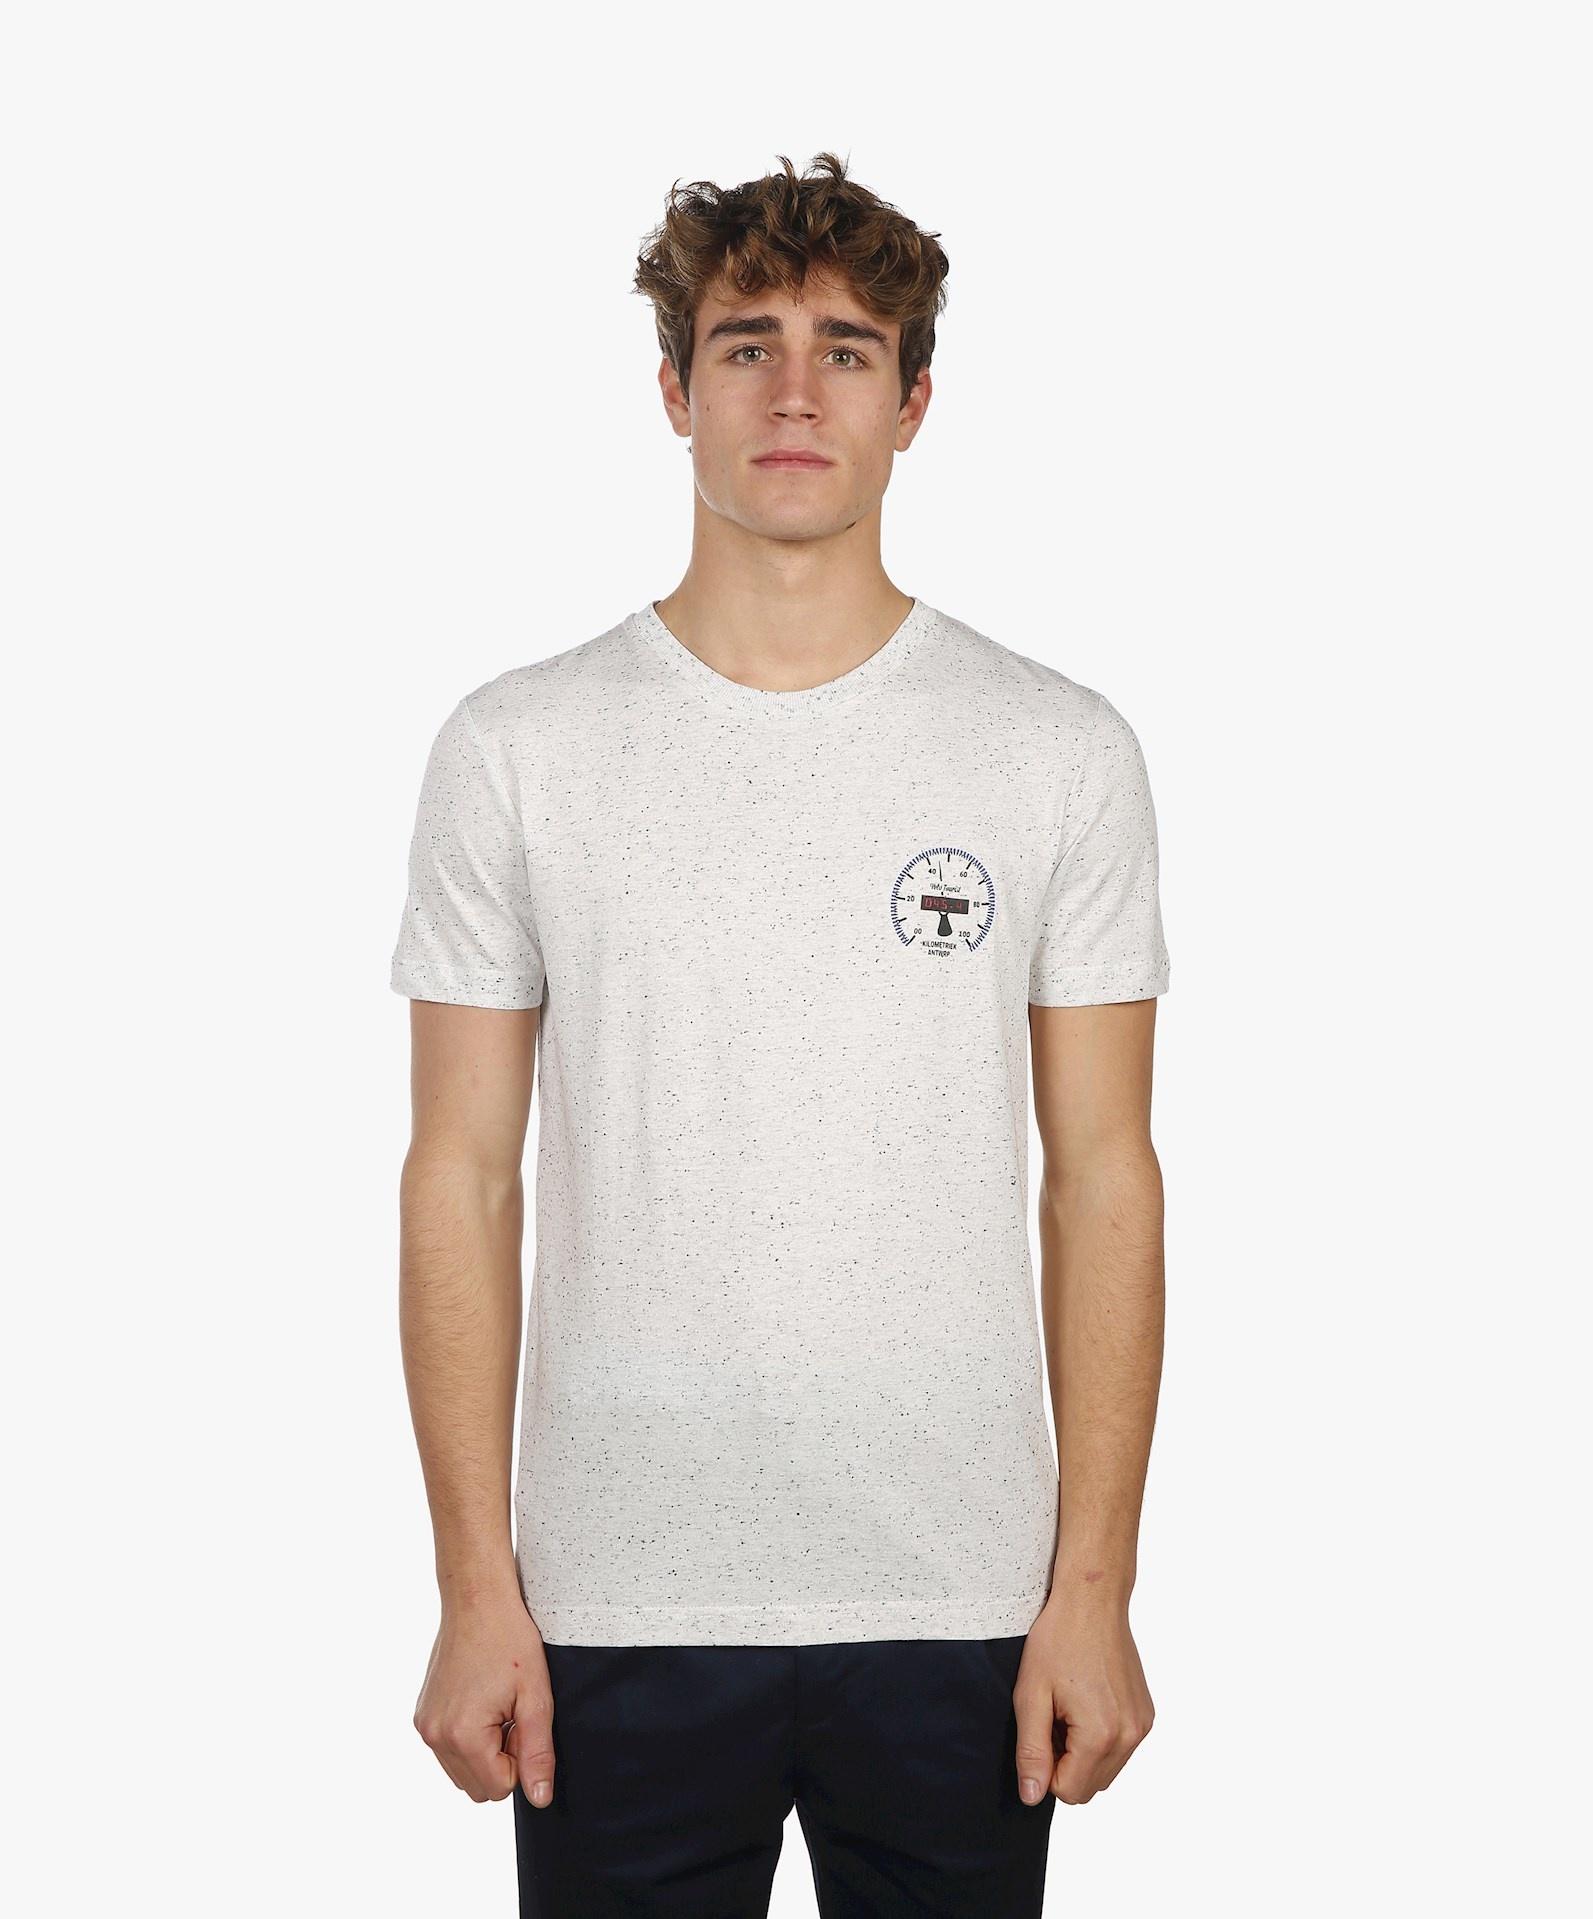 Antwrp T-shirt Antwrp BTS003-L004-102